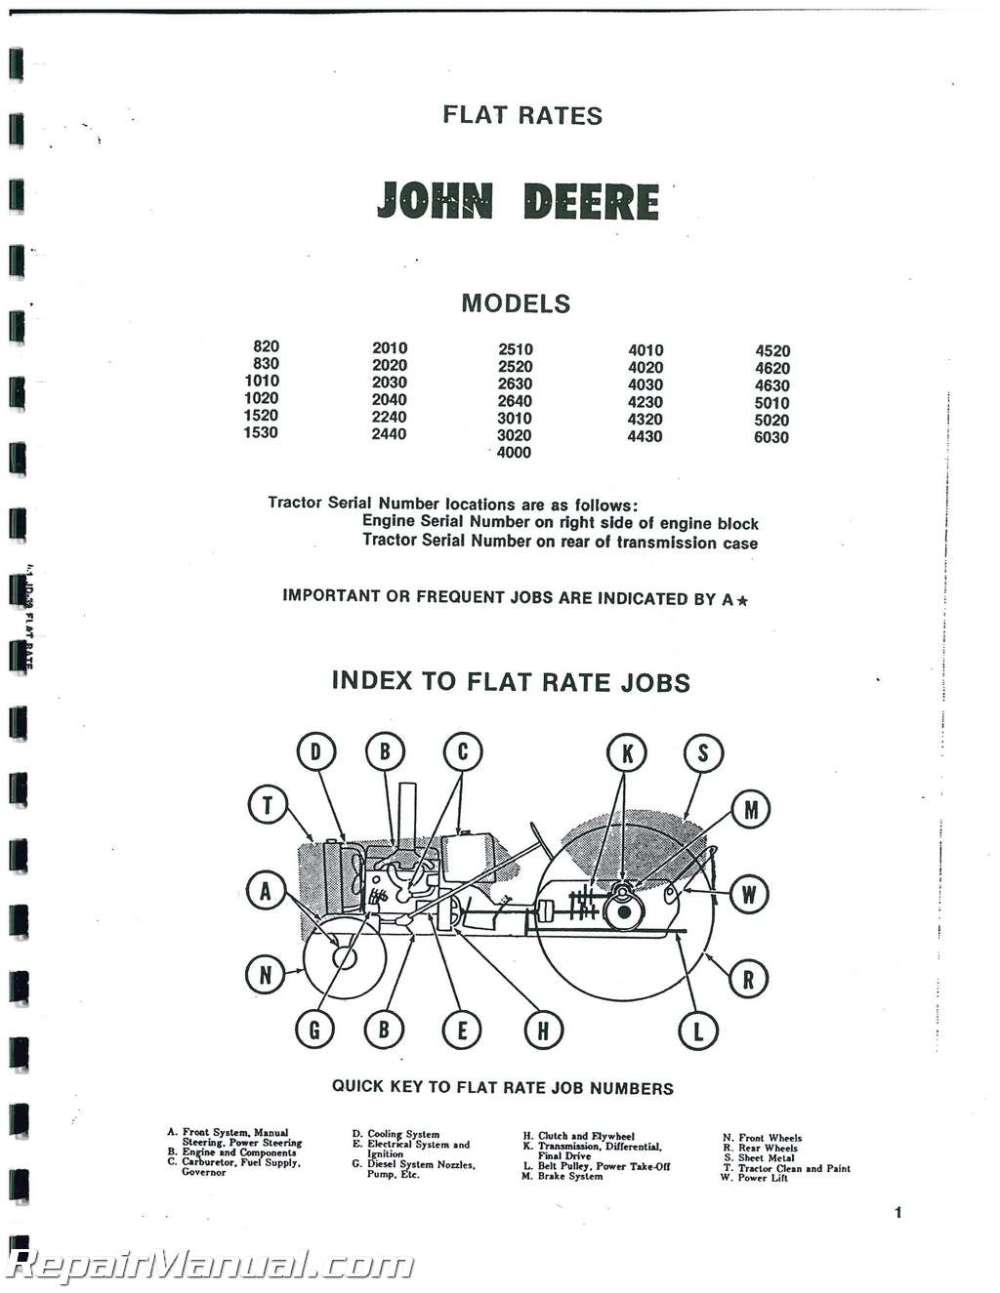 medium resolution of 2510 john deere ignition wiring schematic wiring library john deere 2510 wiring schematic